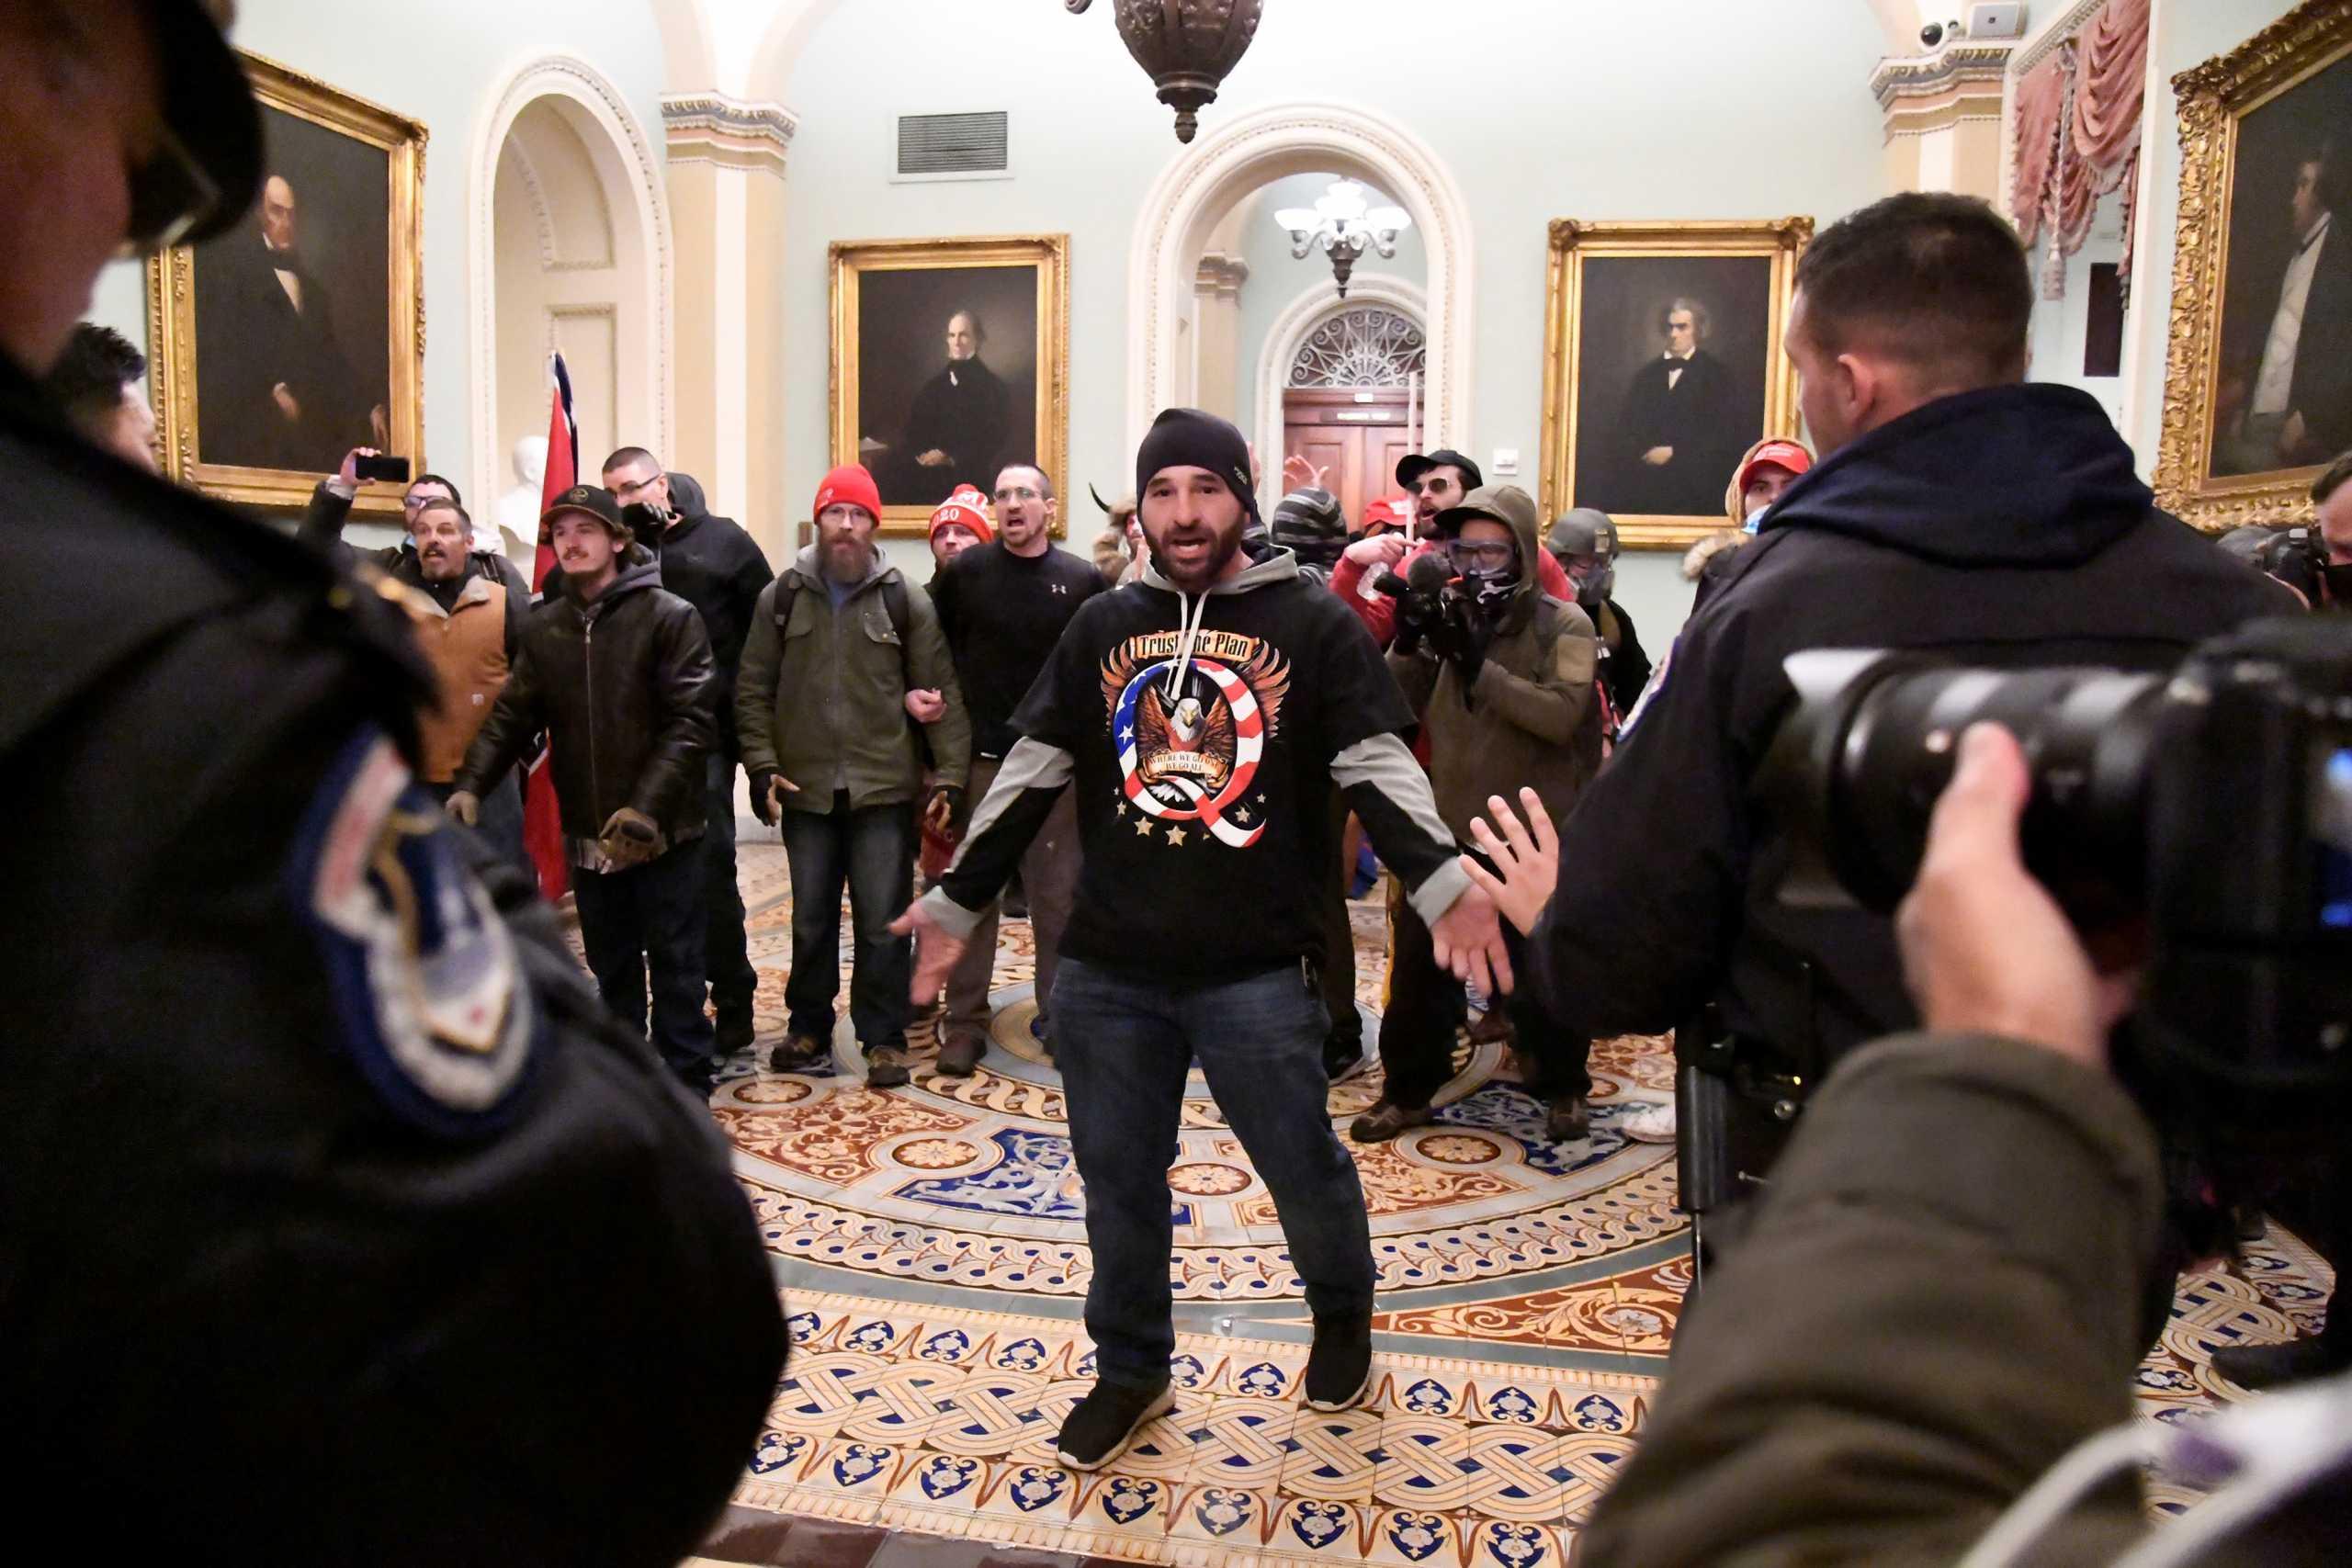 Οι Ρεπουμπλικανοί εγκαταλείπουν τον Τραμπ – Ξεκάθαρη καταδίκη από Πενς και Πομπέο